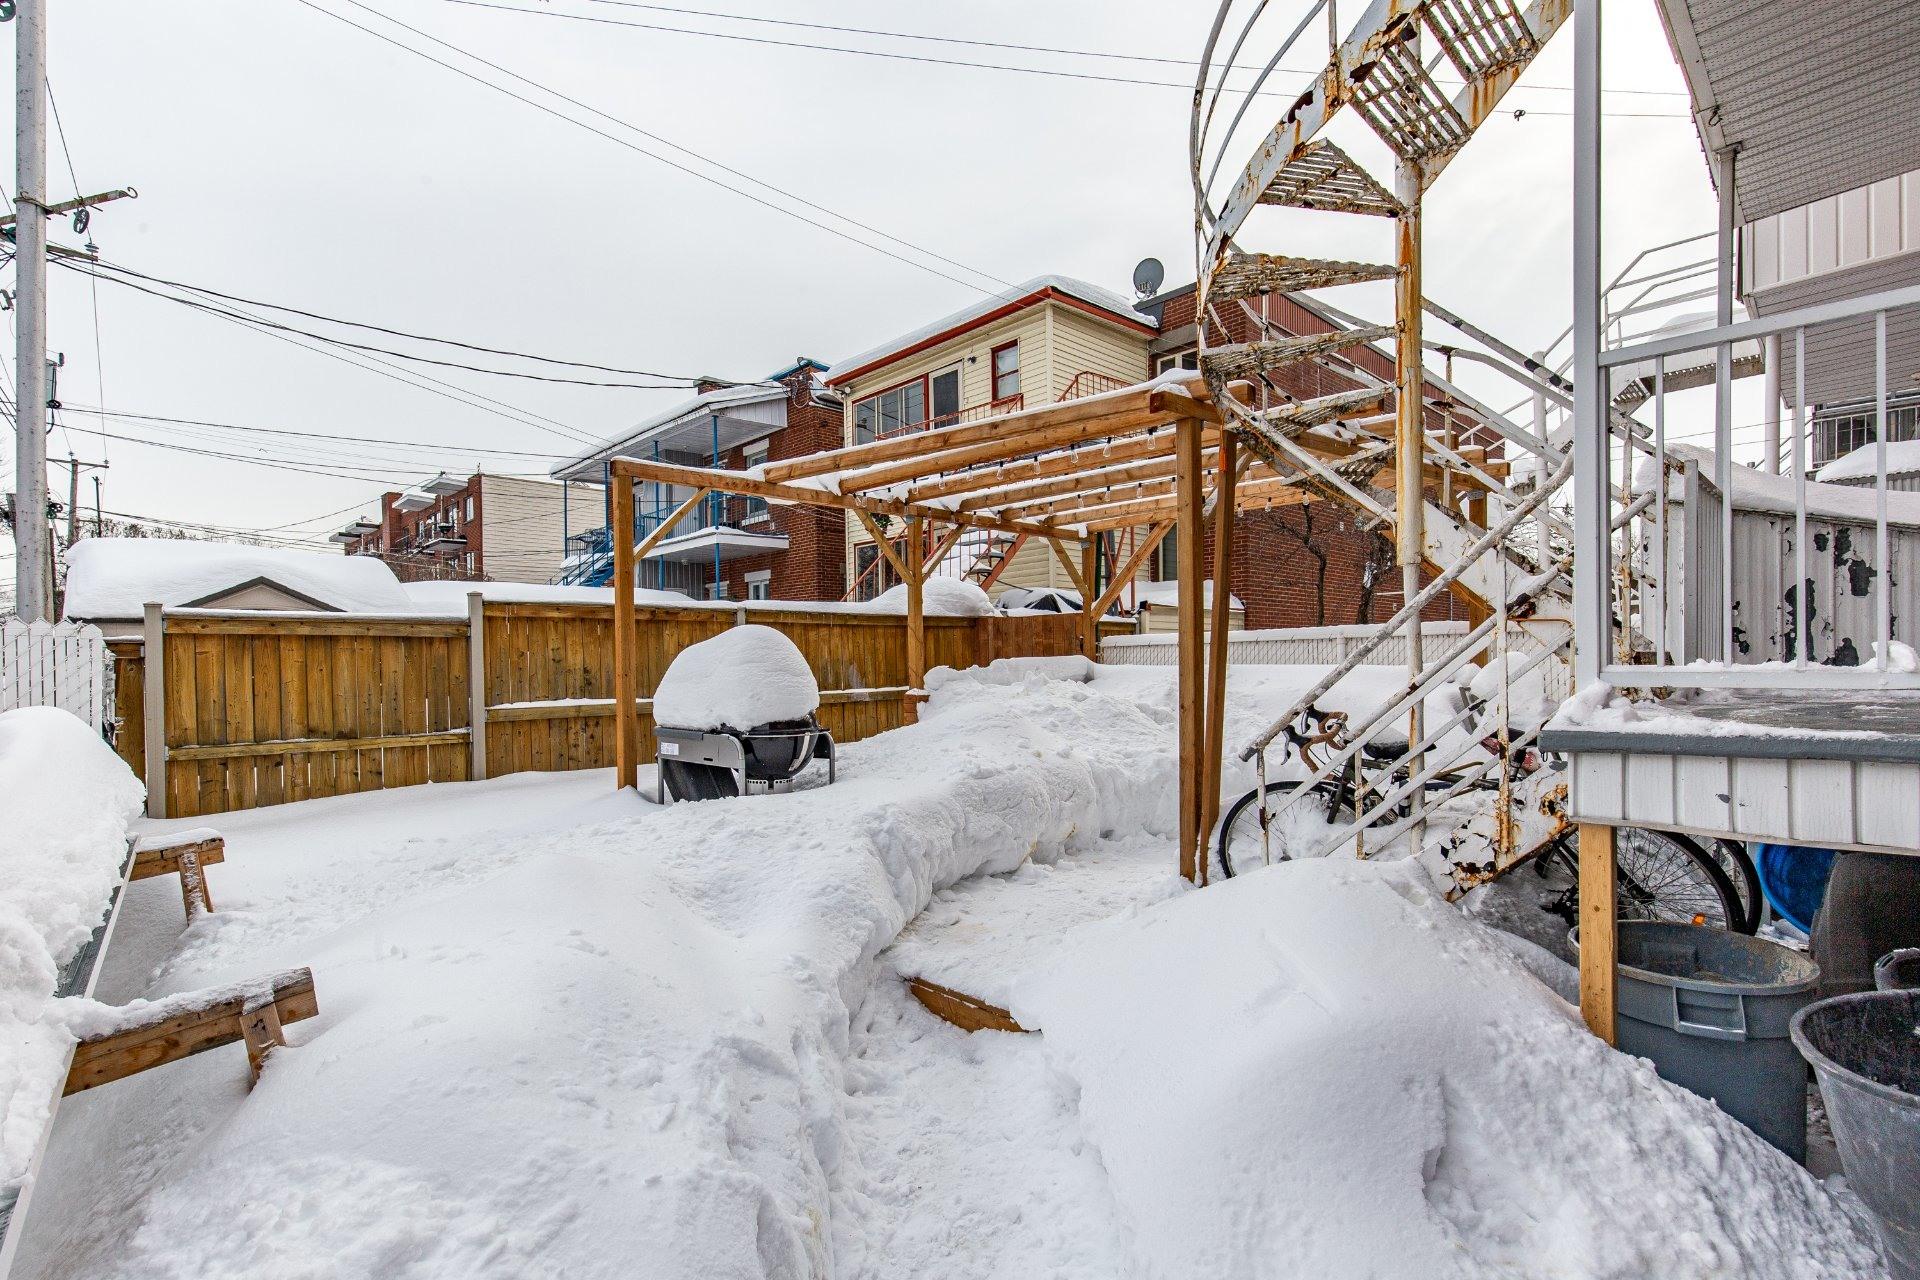 image 29 - Duplex À vendre Villeray/Saint-Michel/Parc-Extension Montréal  - 5 pièces